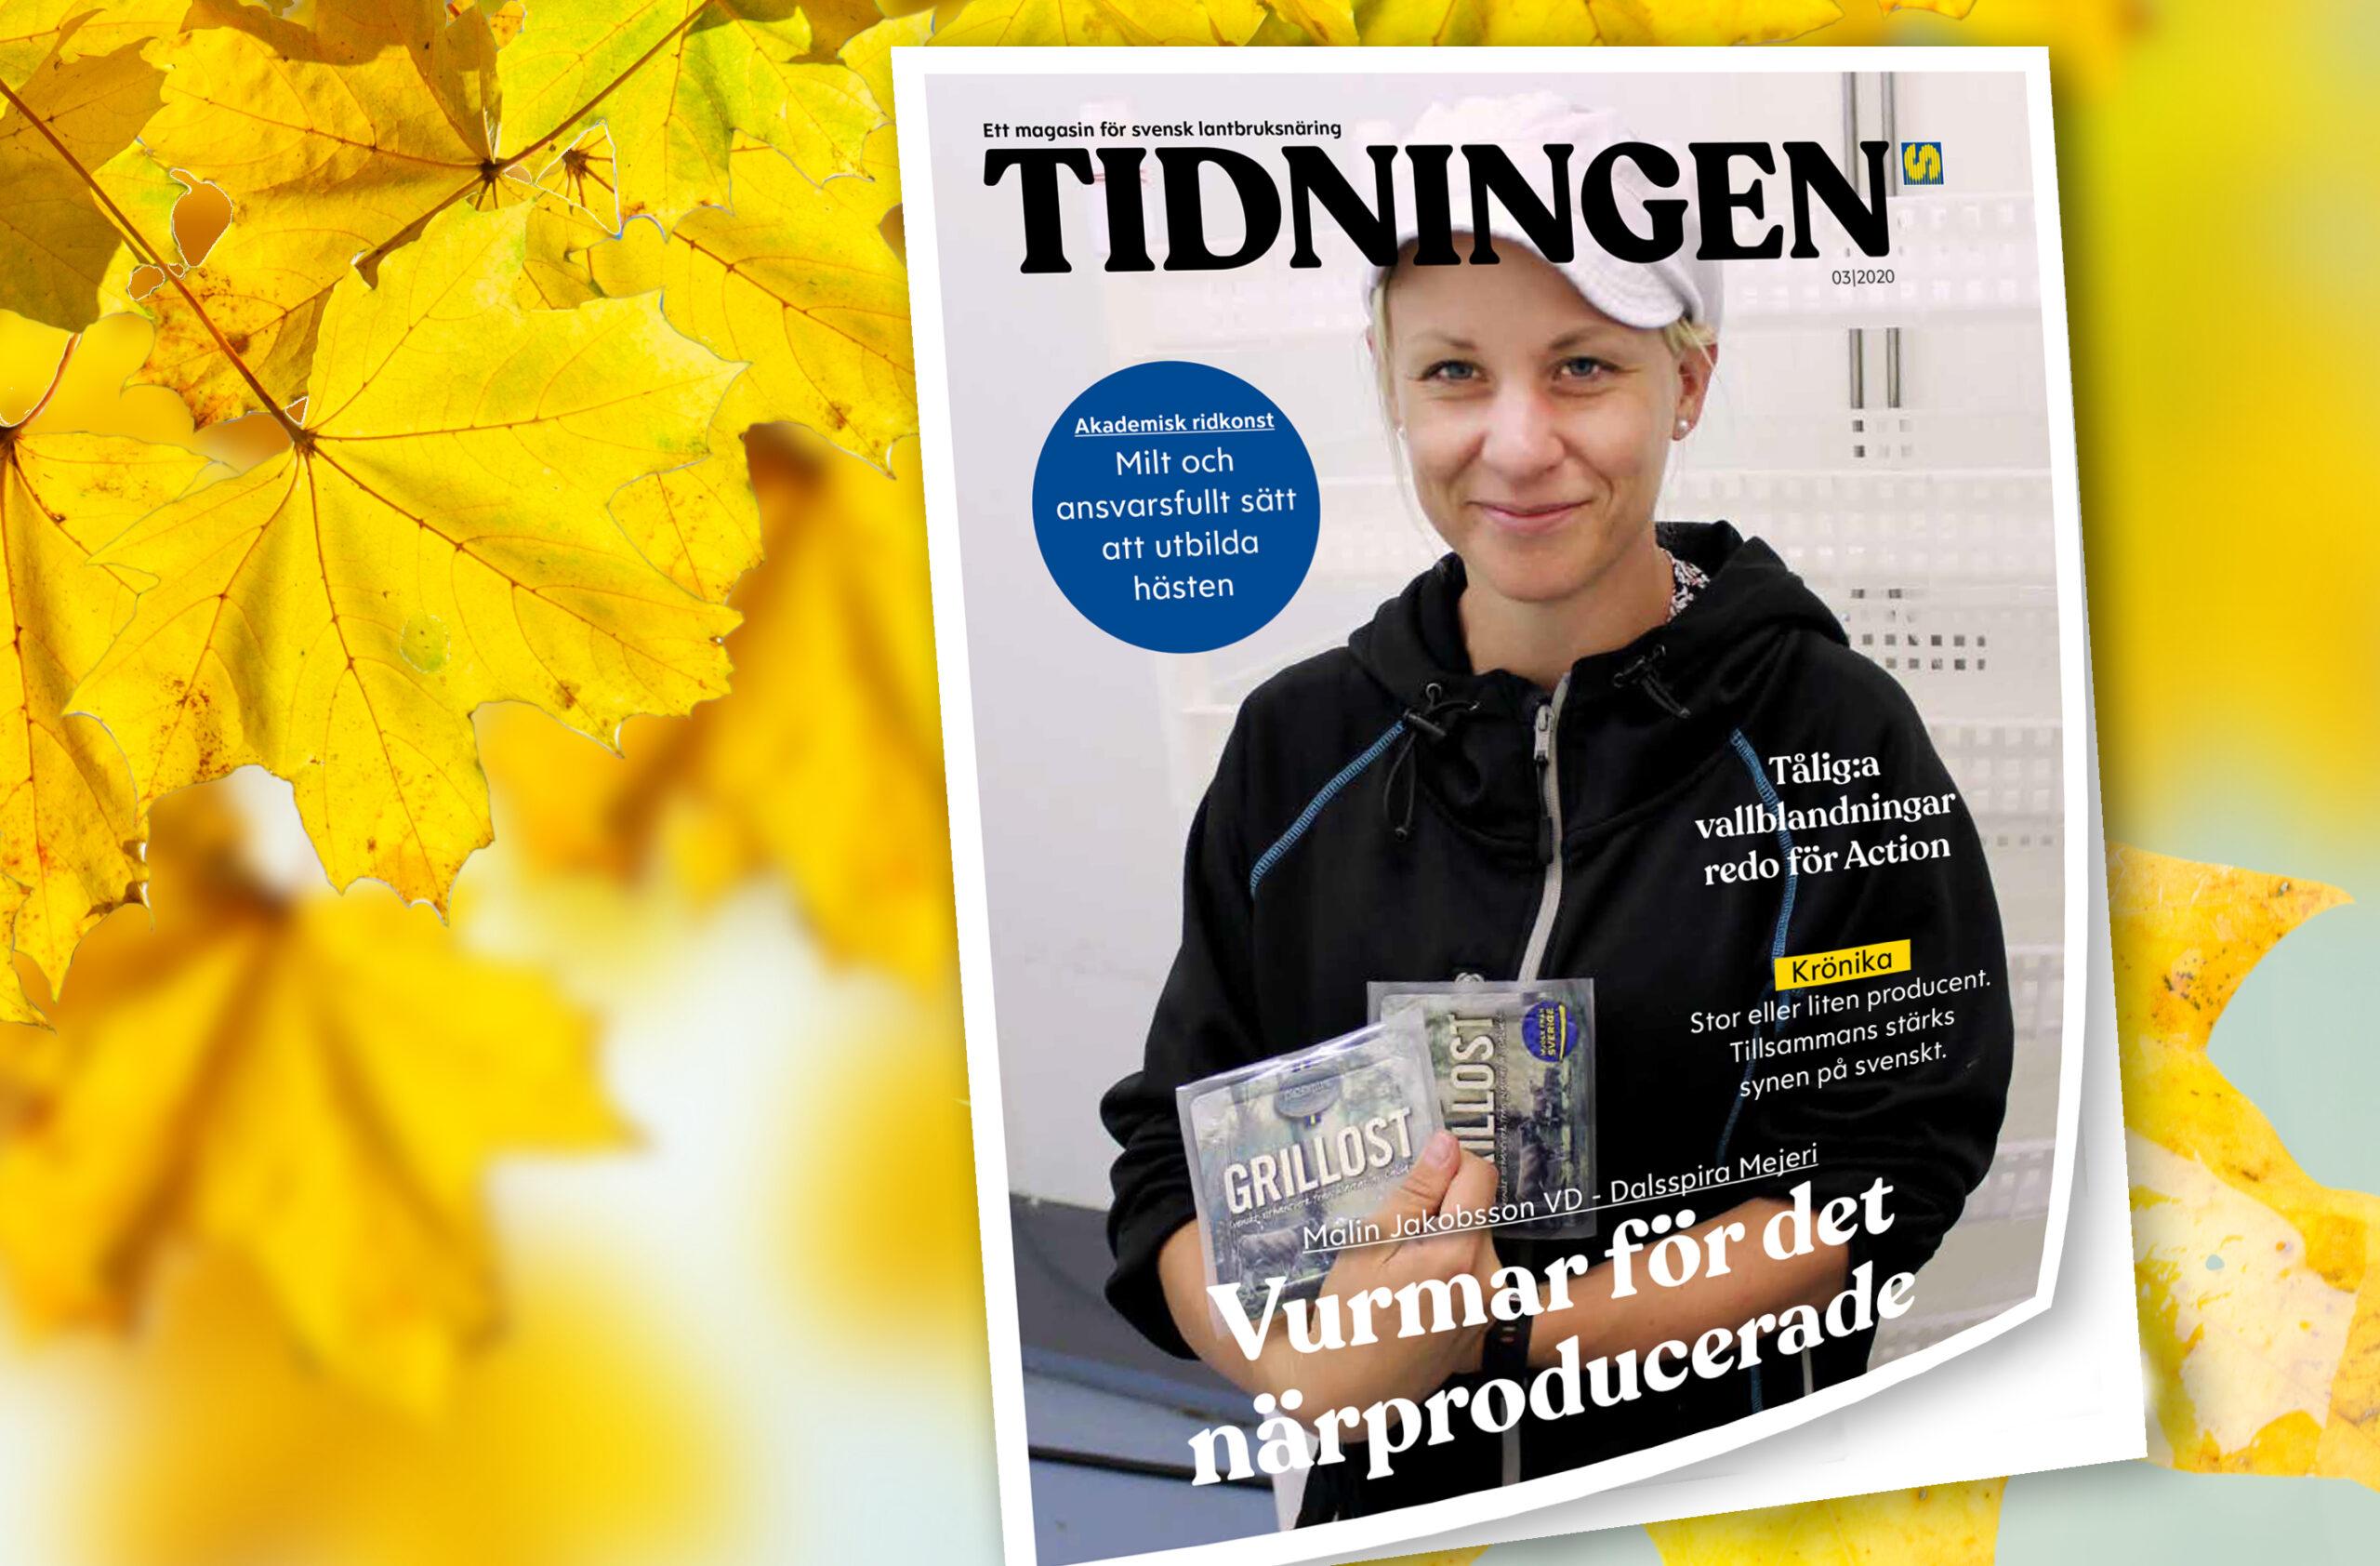 Tidningen nr 3 2020 - ett magasin för svensk lantbruksnäring